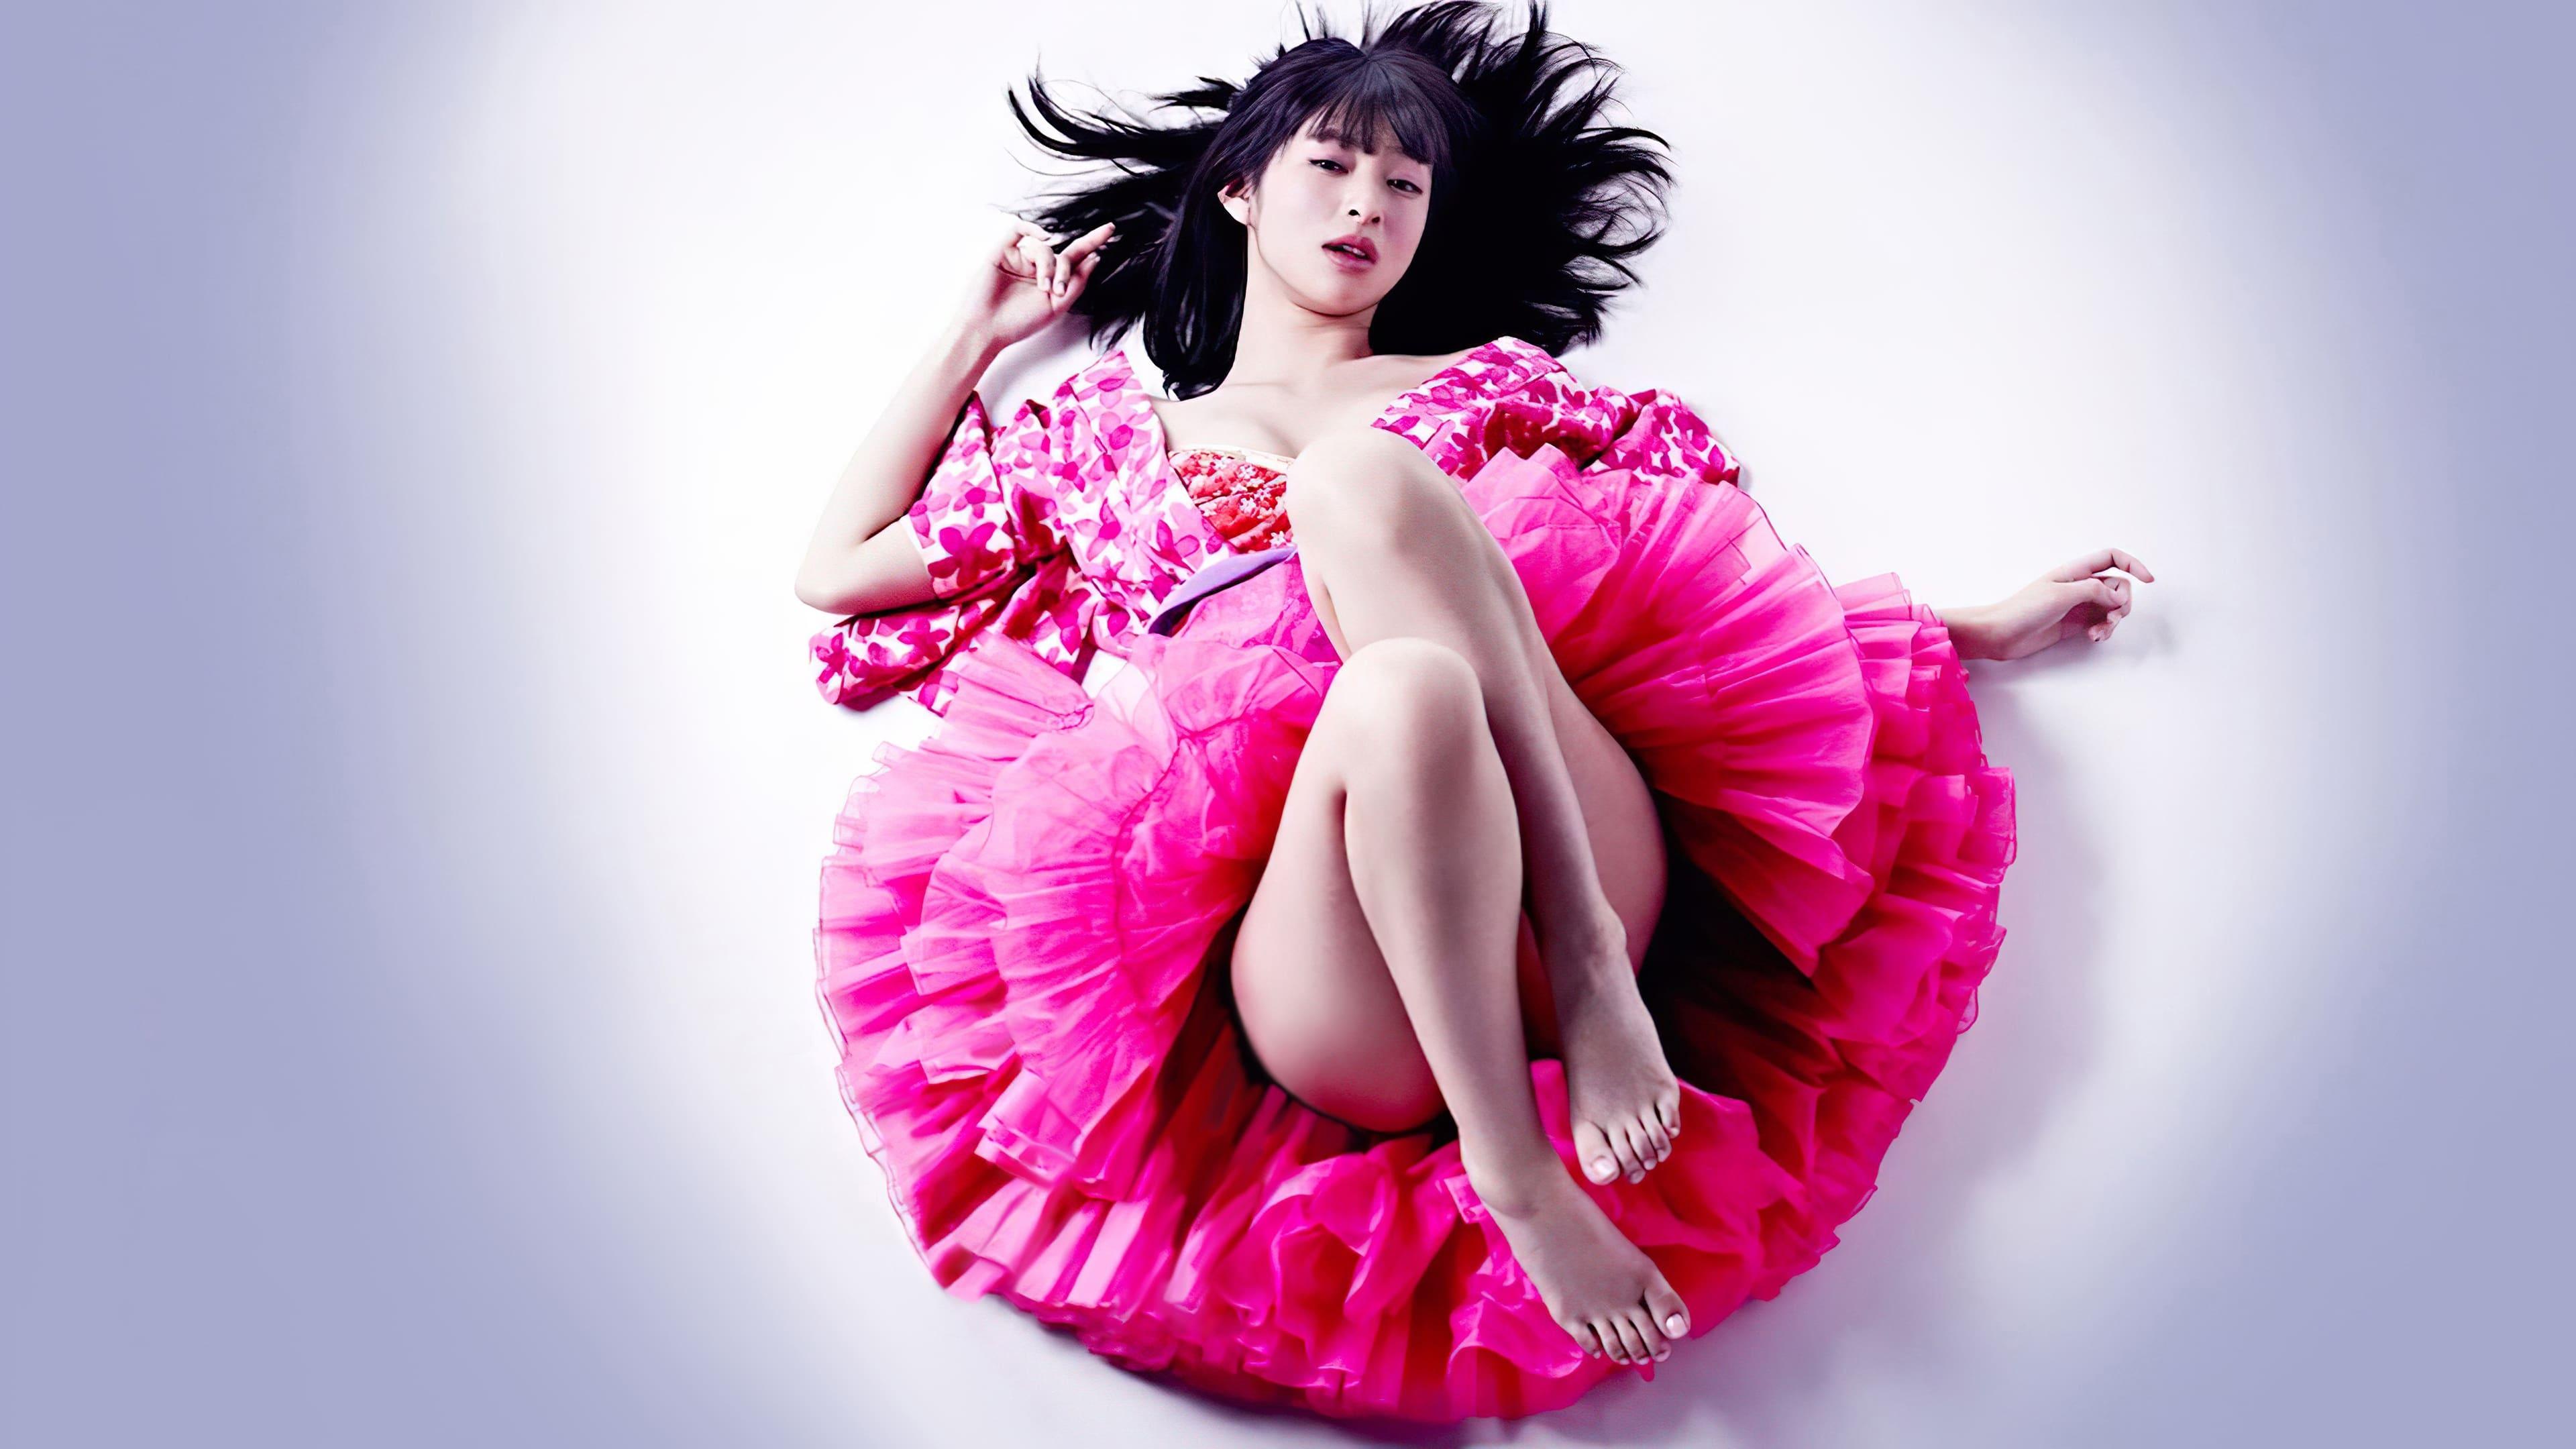 Смотреть азиатское эротическое кино, порно бисексуальный любовник жены